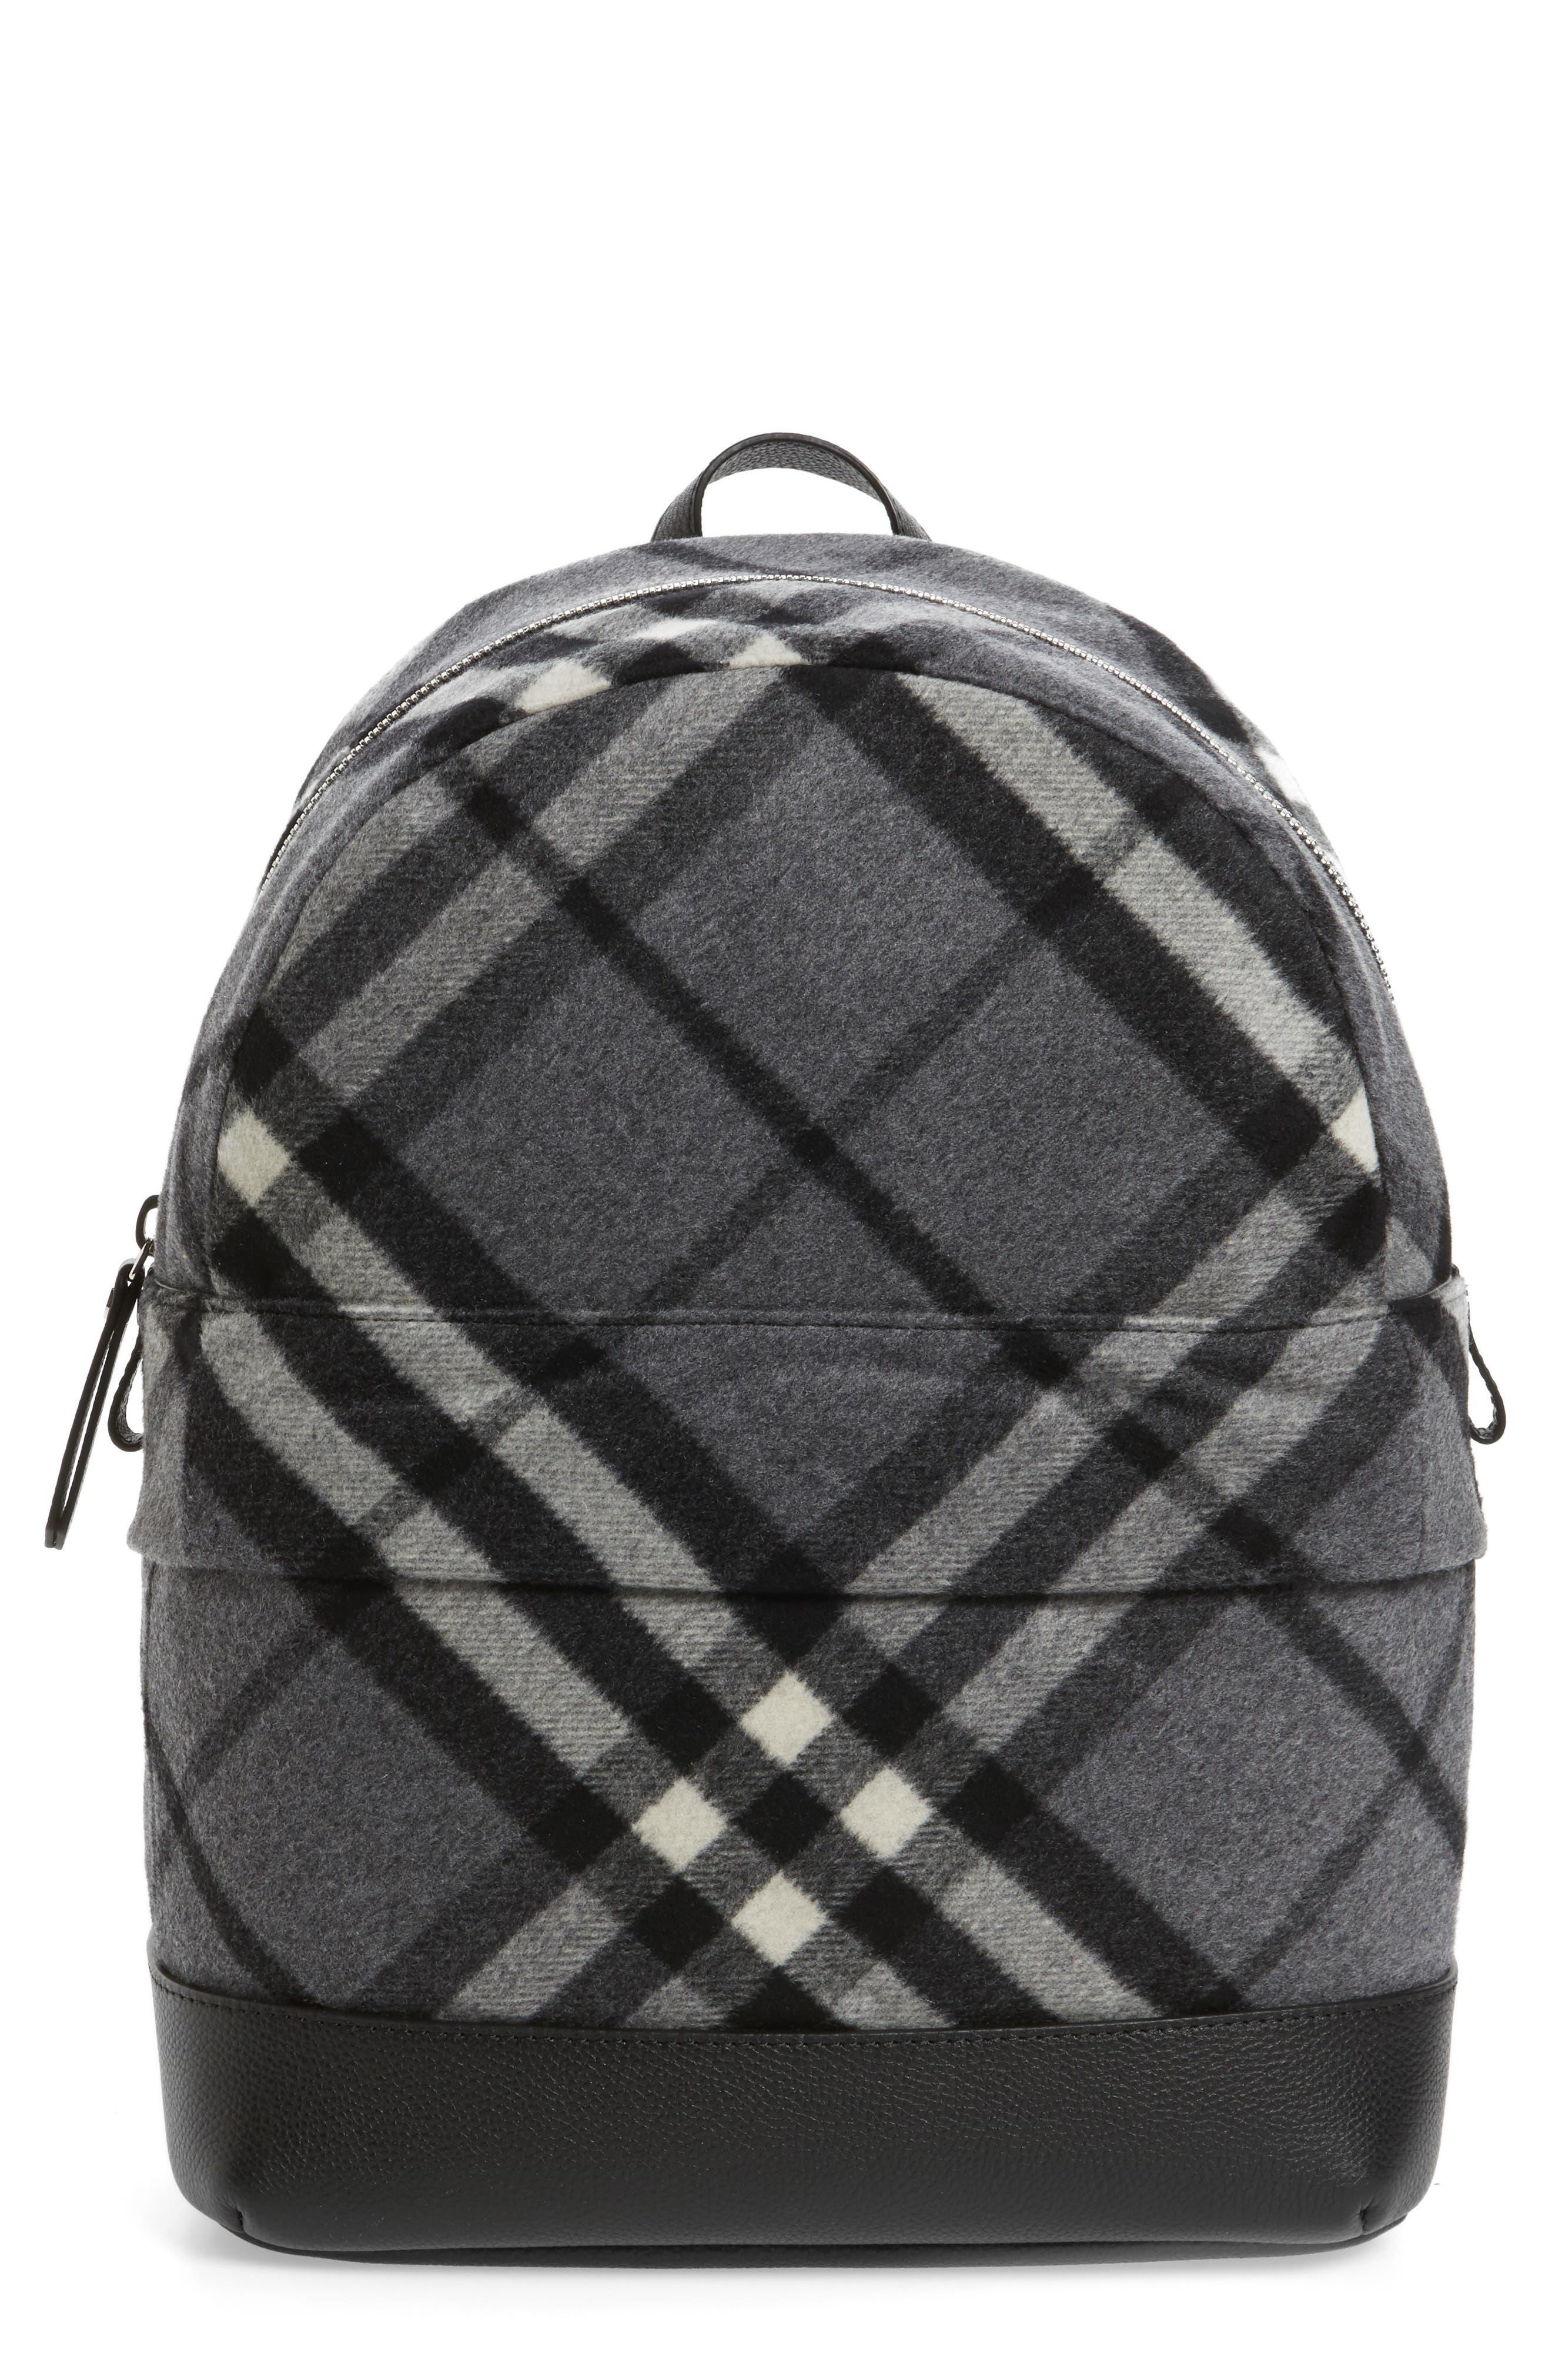 Burberry Nico Check Backpack (Kids)